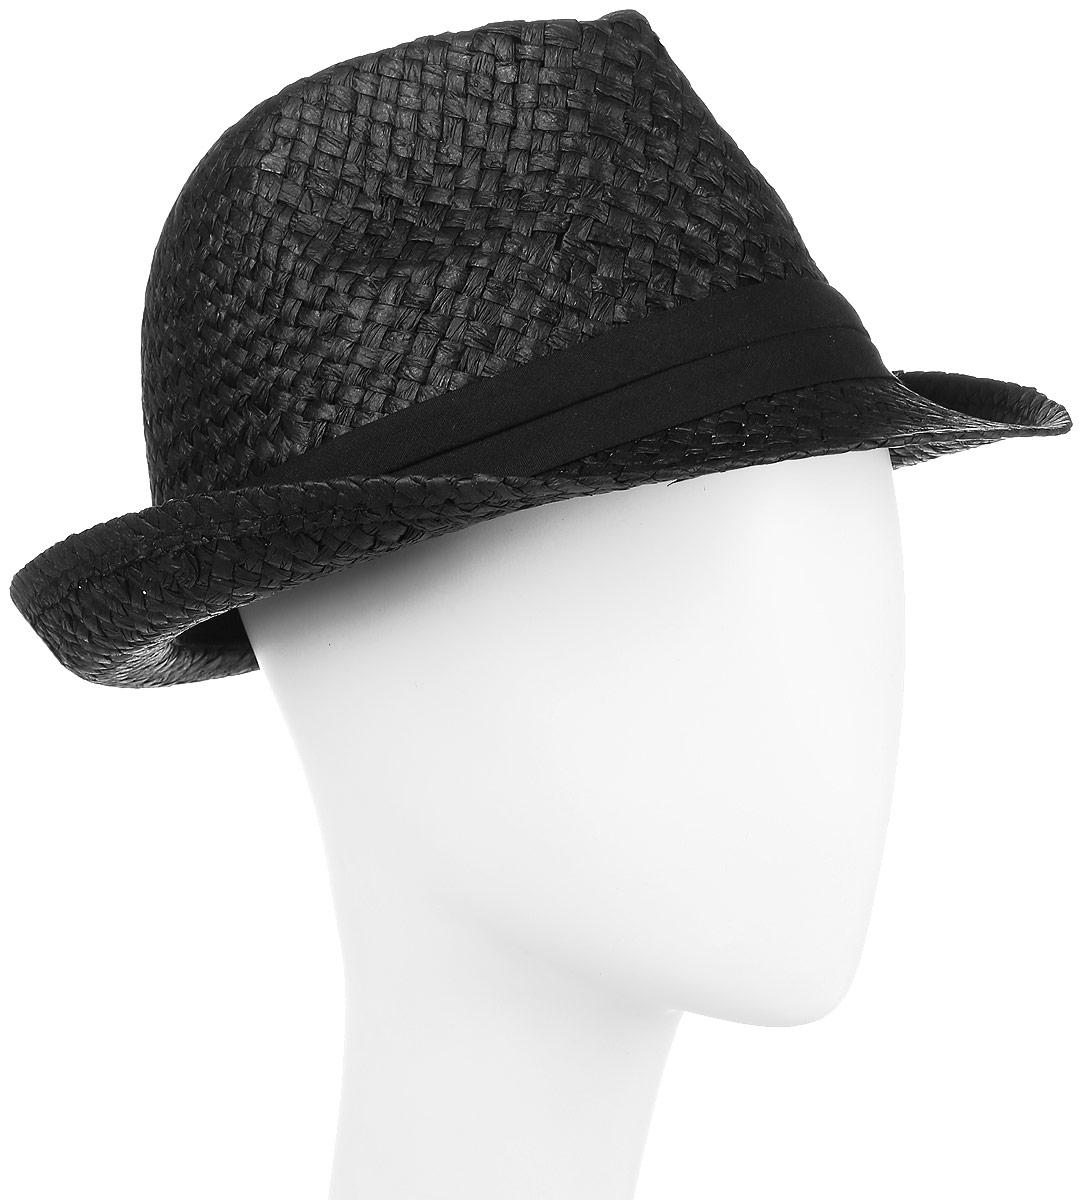 Шляпа муж Imojo, цвет: черный. HtY131004. Размер 58HtY131004Молодежная шляпа с ремешком.